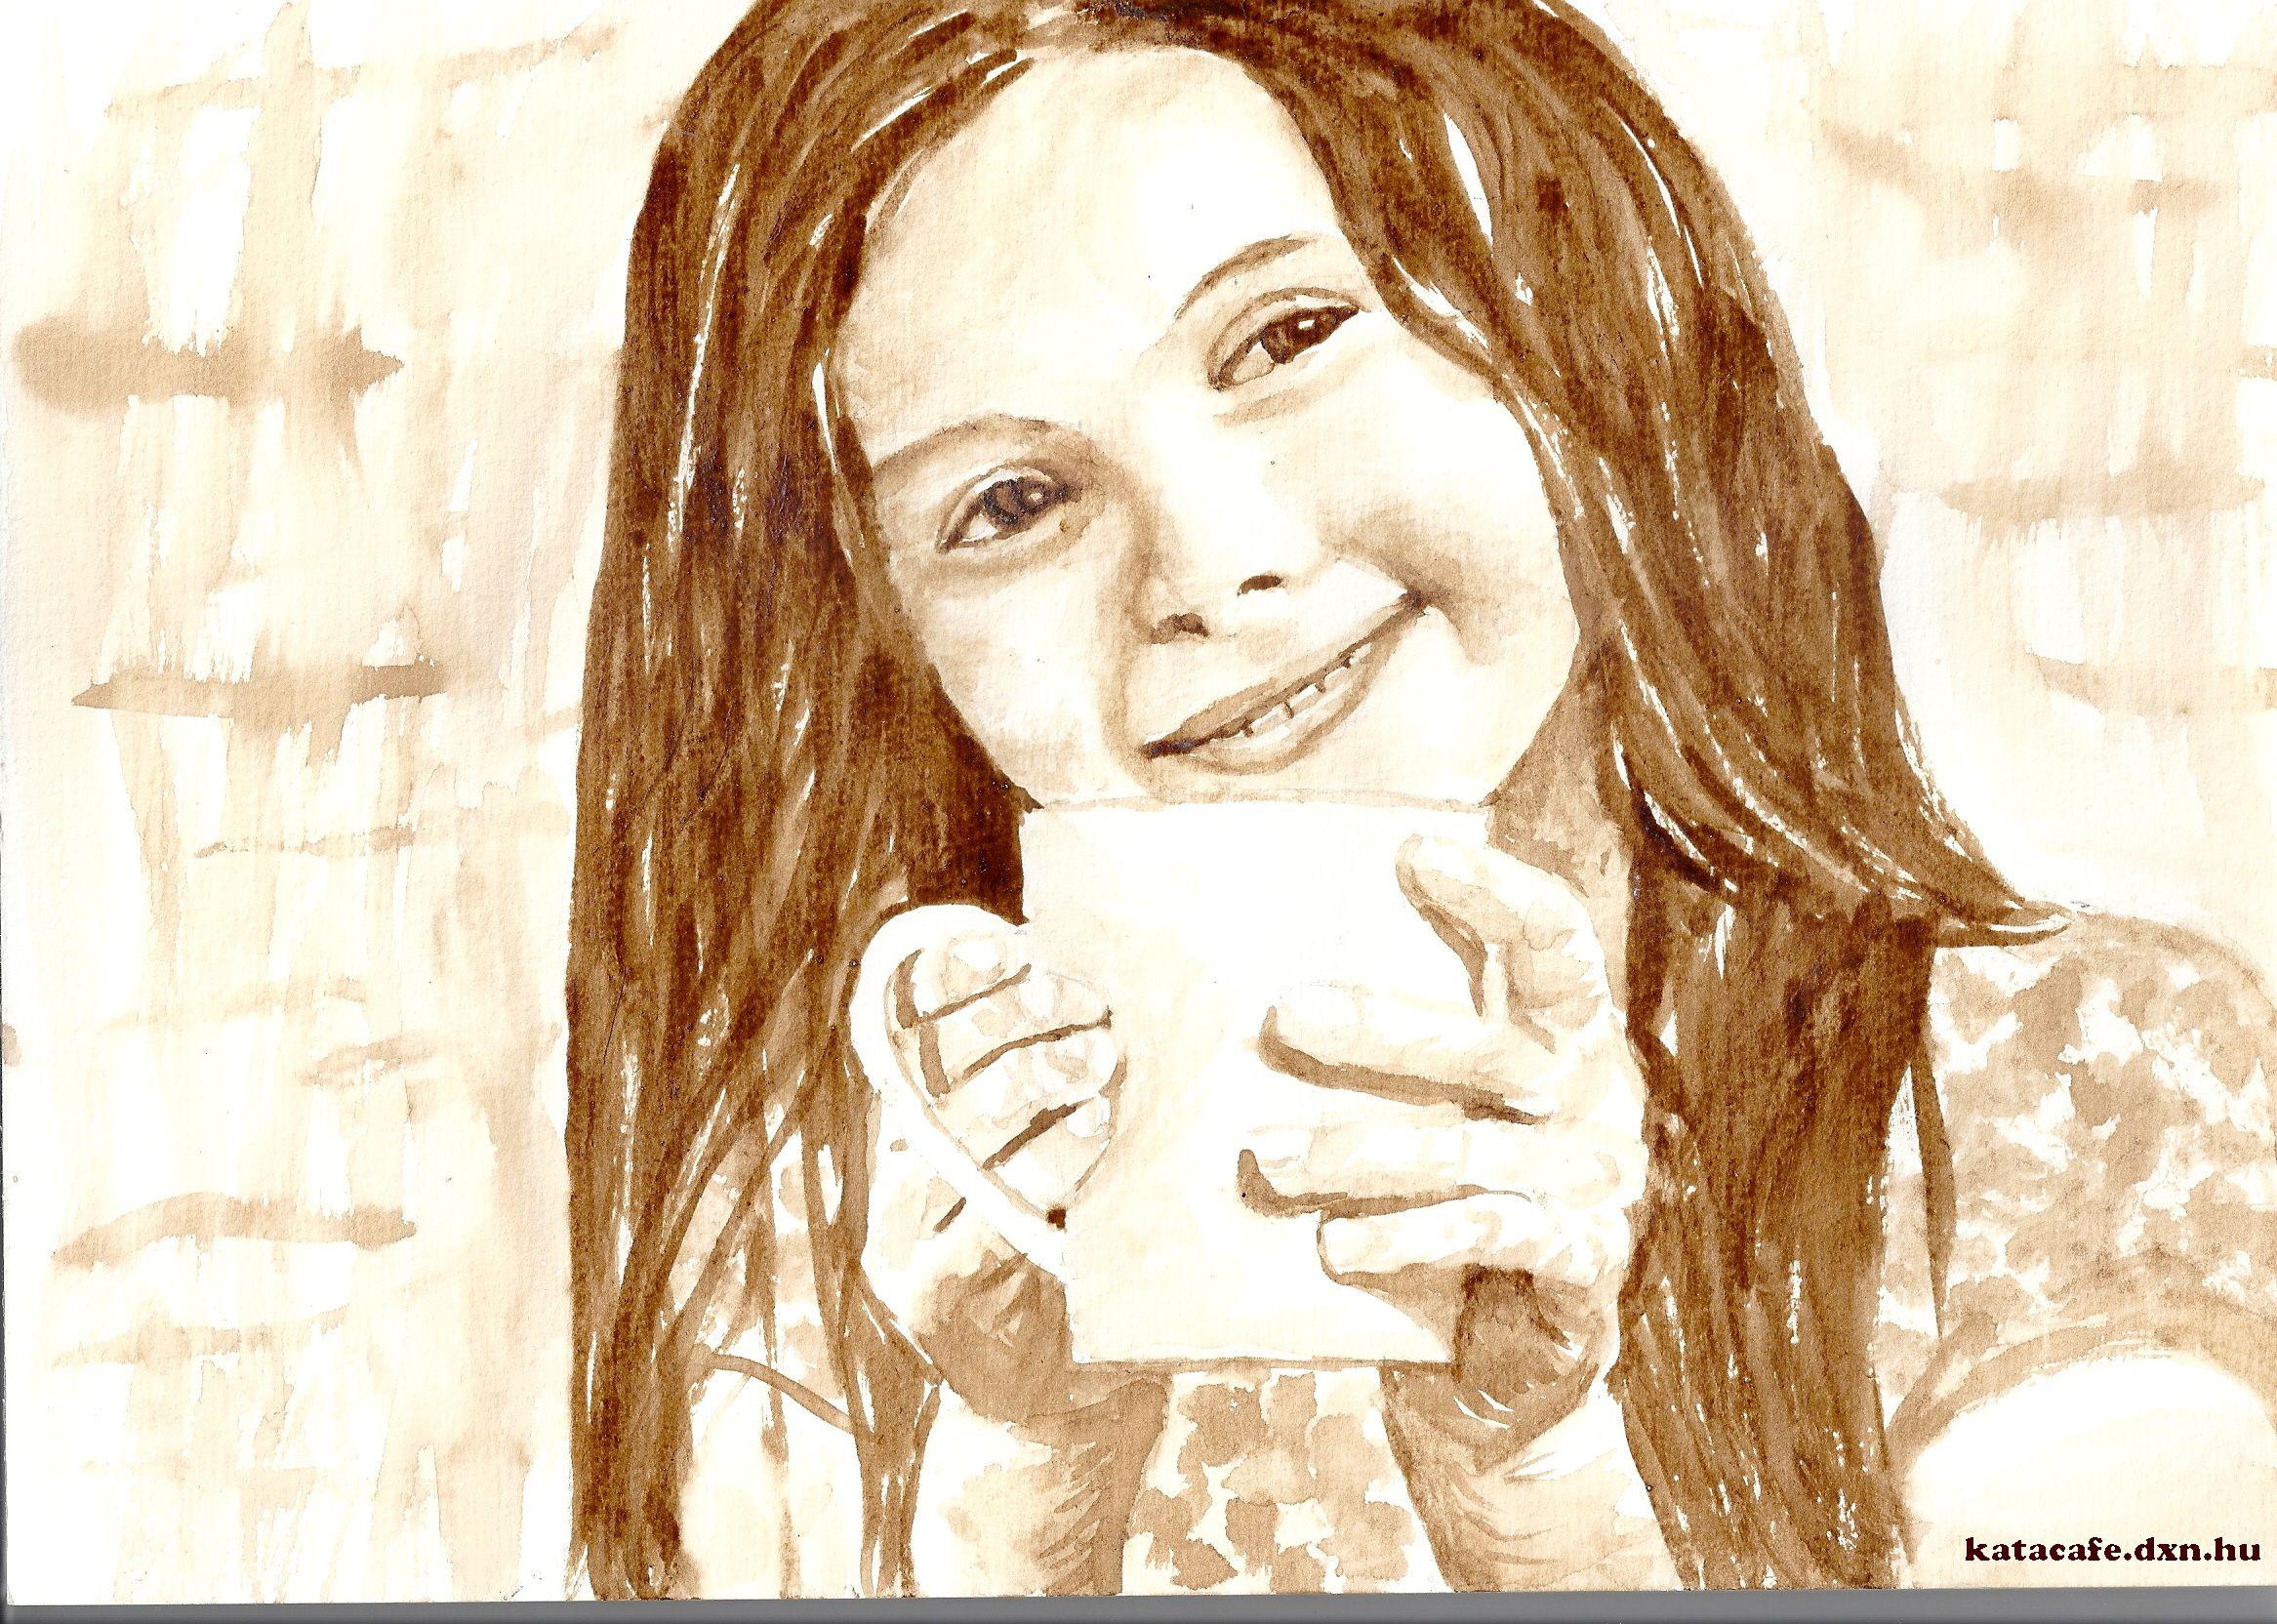 Kávéfestmény, CoffeeArt, művészet, Kajáriné Katalin, Kakaó, Kávé, Kislány, mosoly, nevetés, jókedv